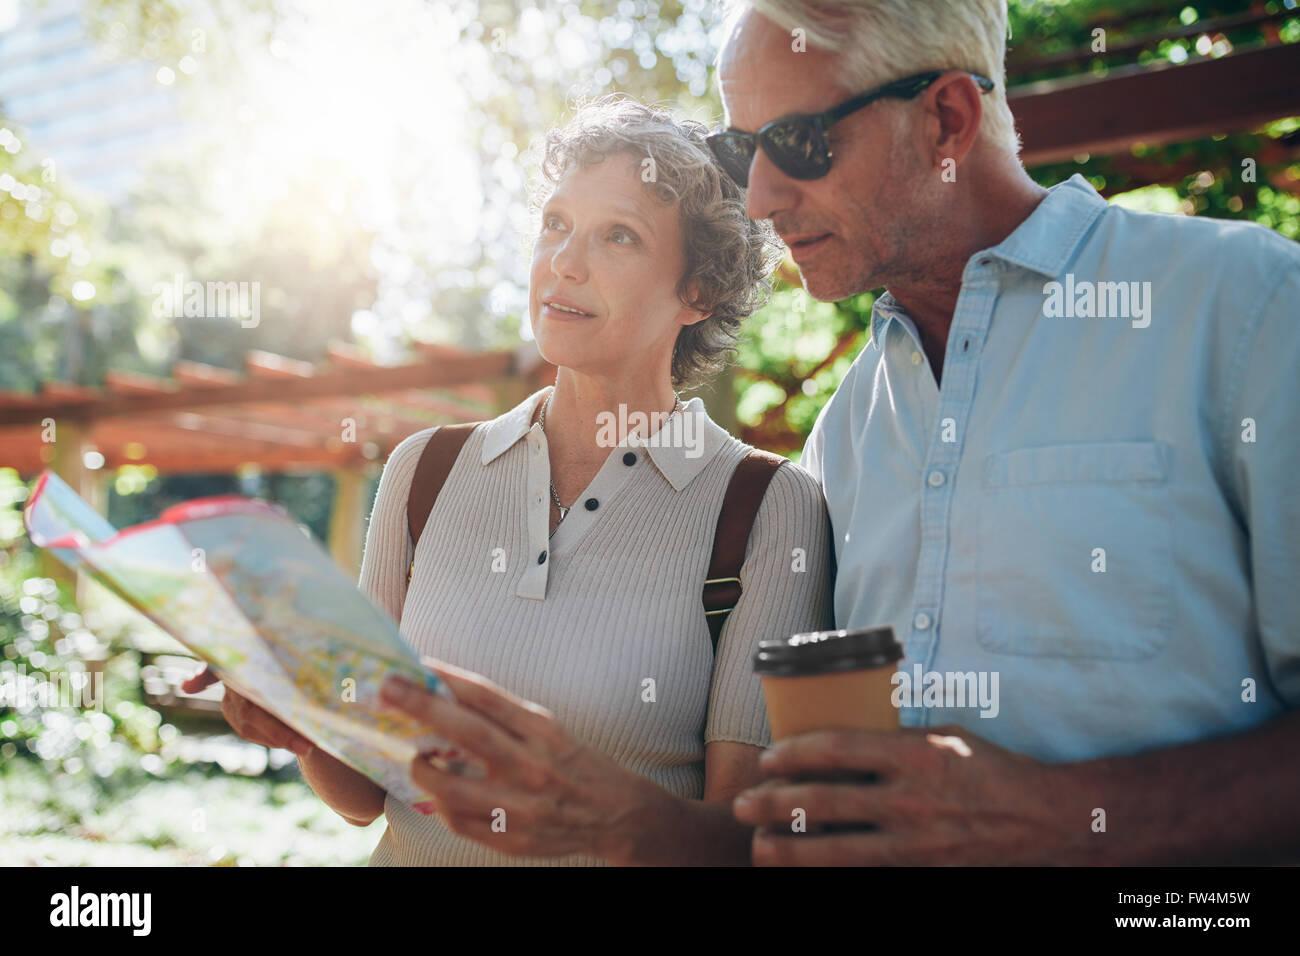 Porträt von älteres Paar mit Hilfe einer Karte nach dem Weg hautnah. Ehepaar im Ruhestand erkunden neue Stockbild